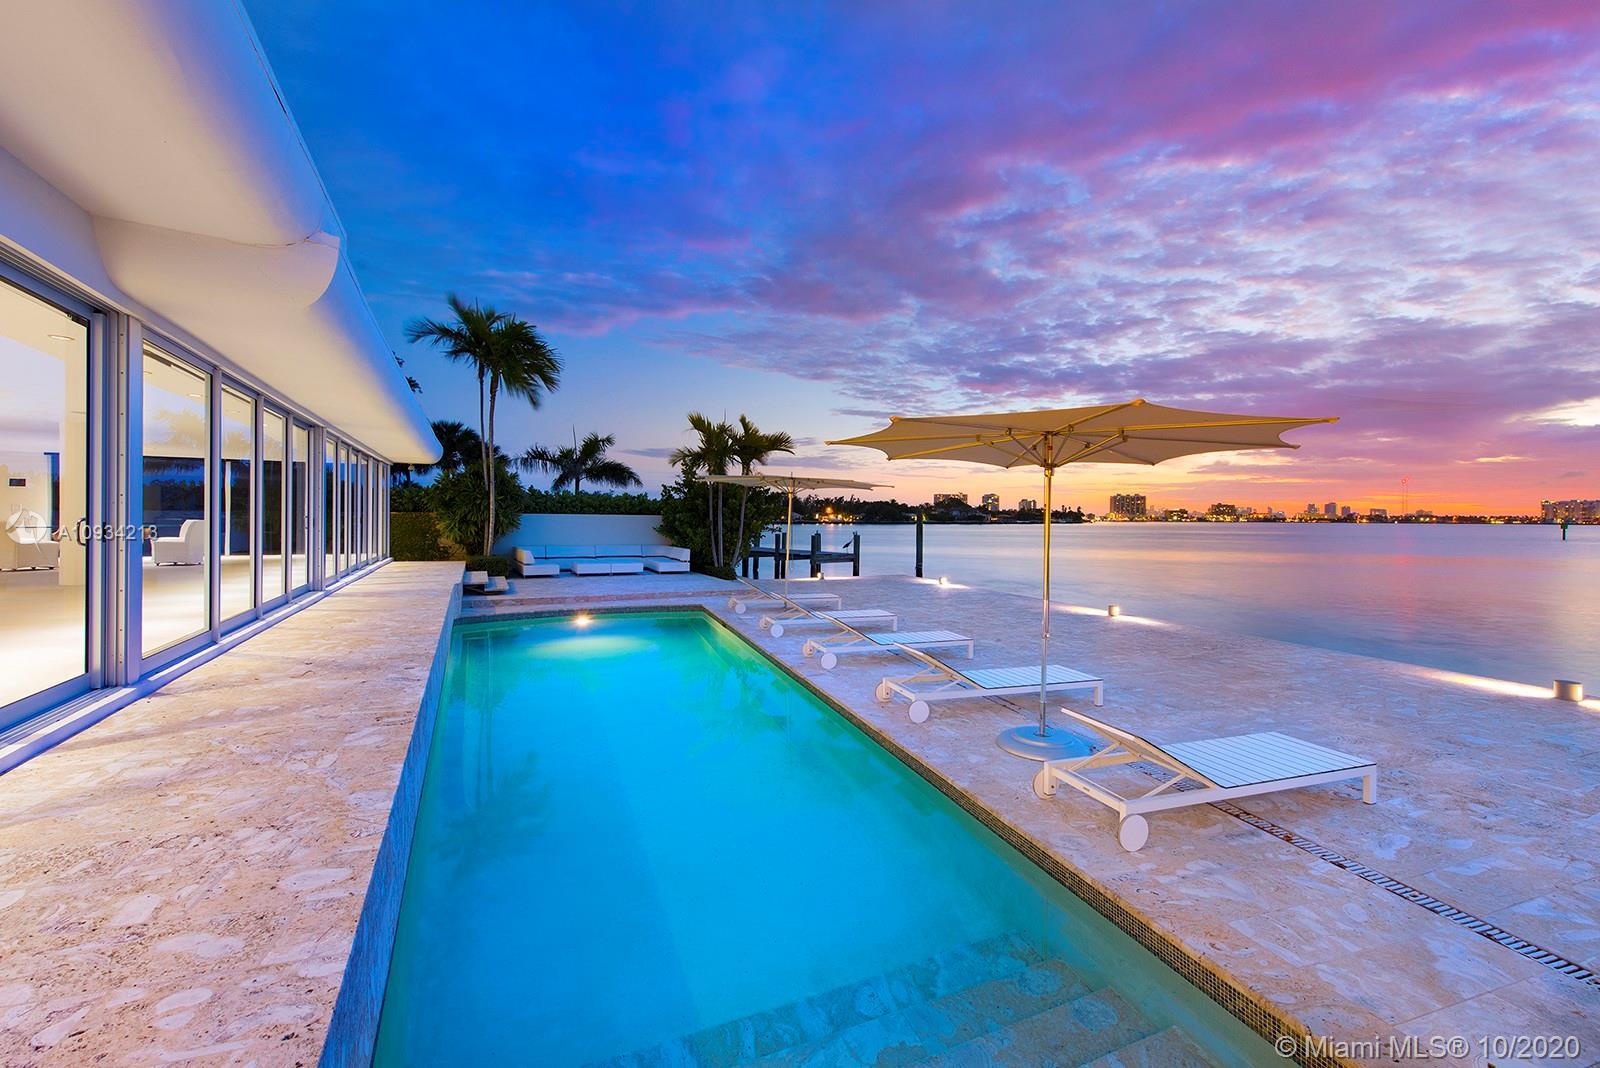 7936 Biscayne Point Cir Luxury Real Estate